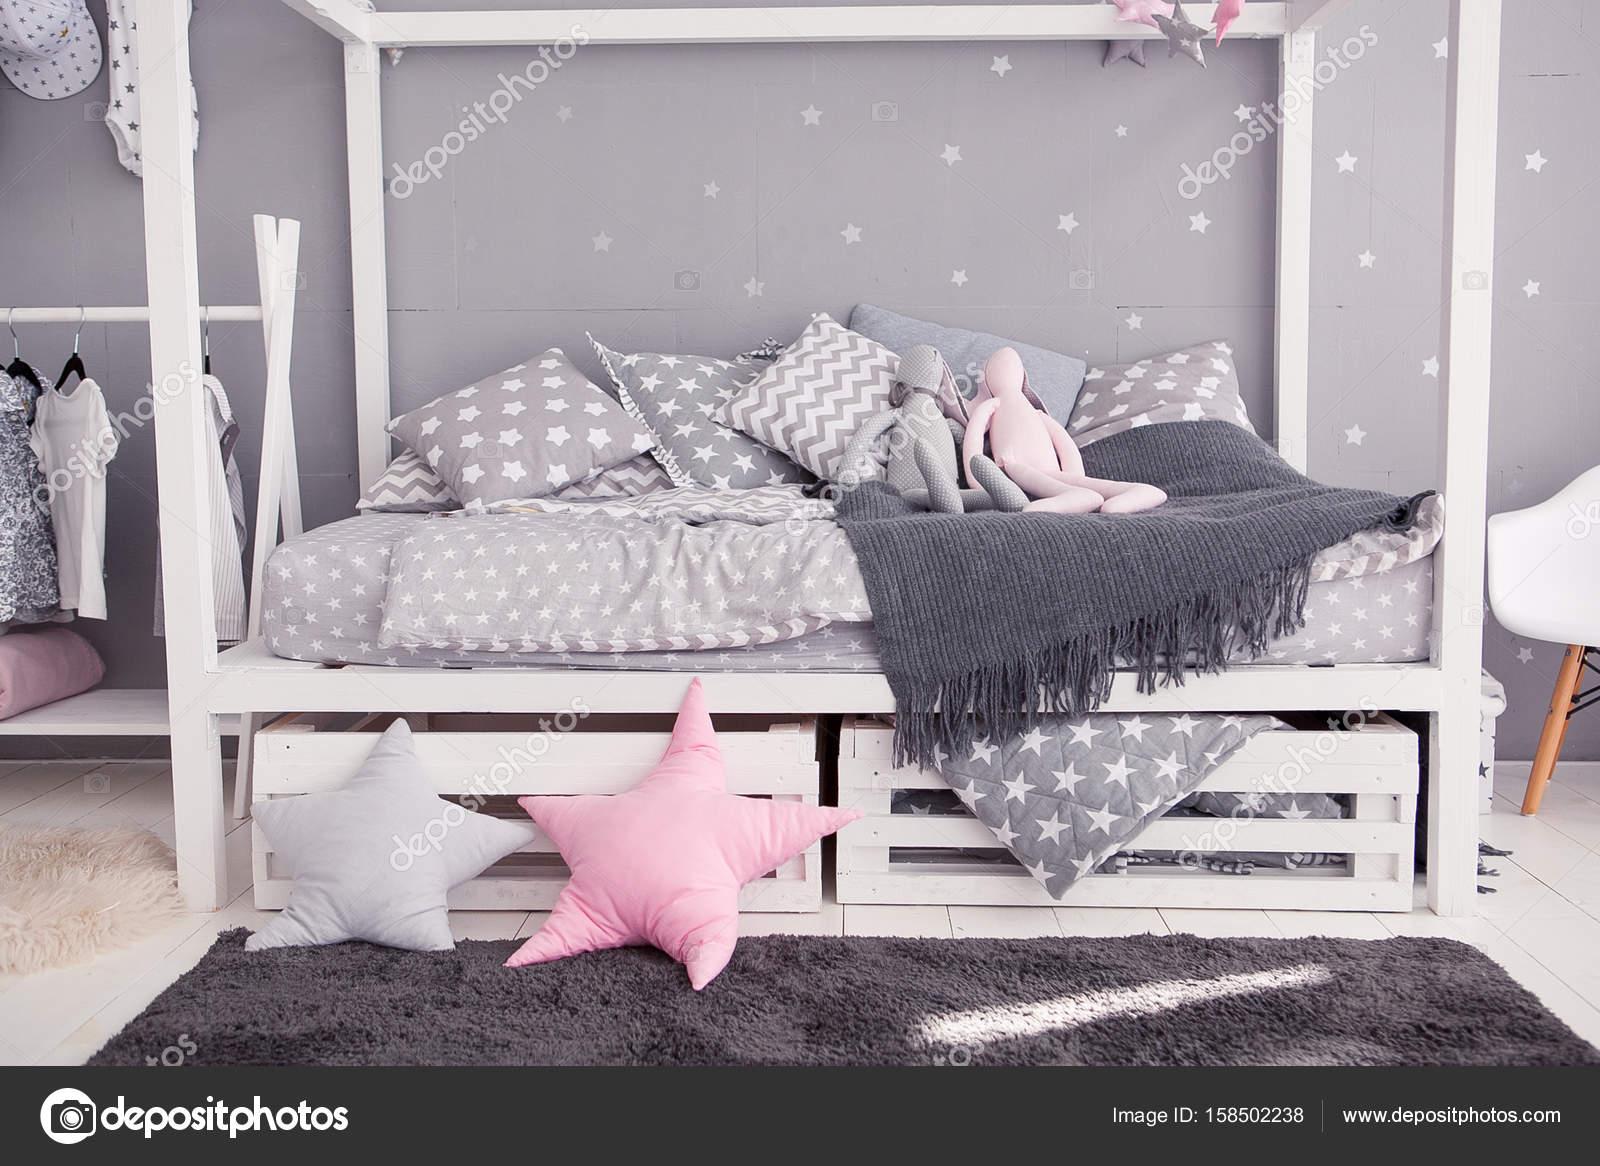 Accessori Per Camera Da Letto Bianca : Camera da letto accogliente per bambini in stile scandinavo con